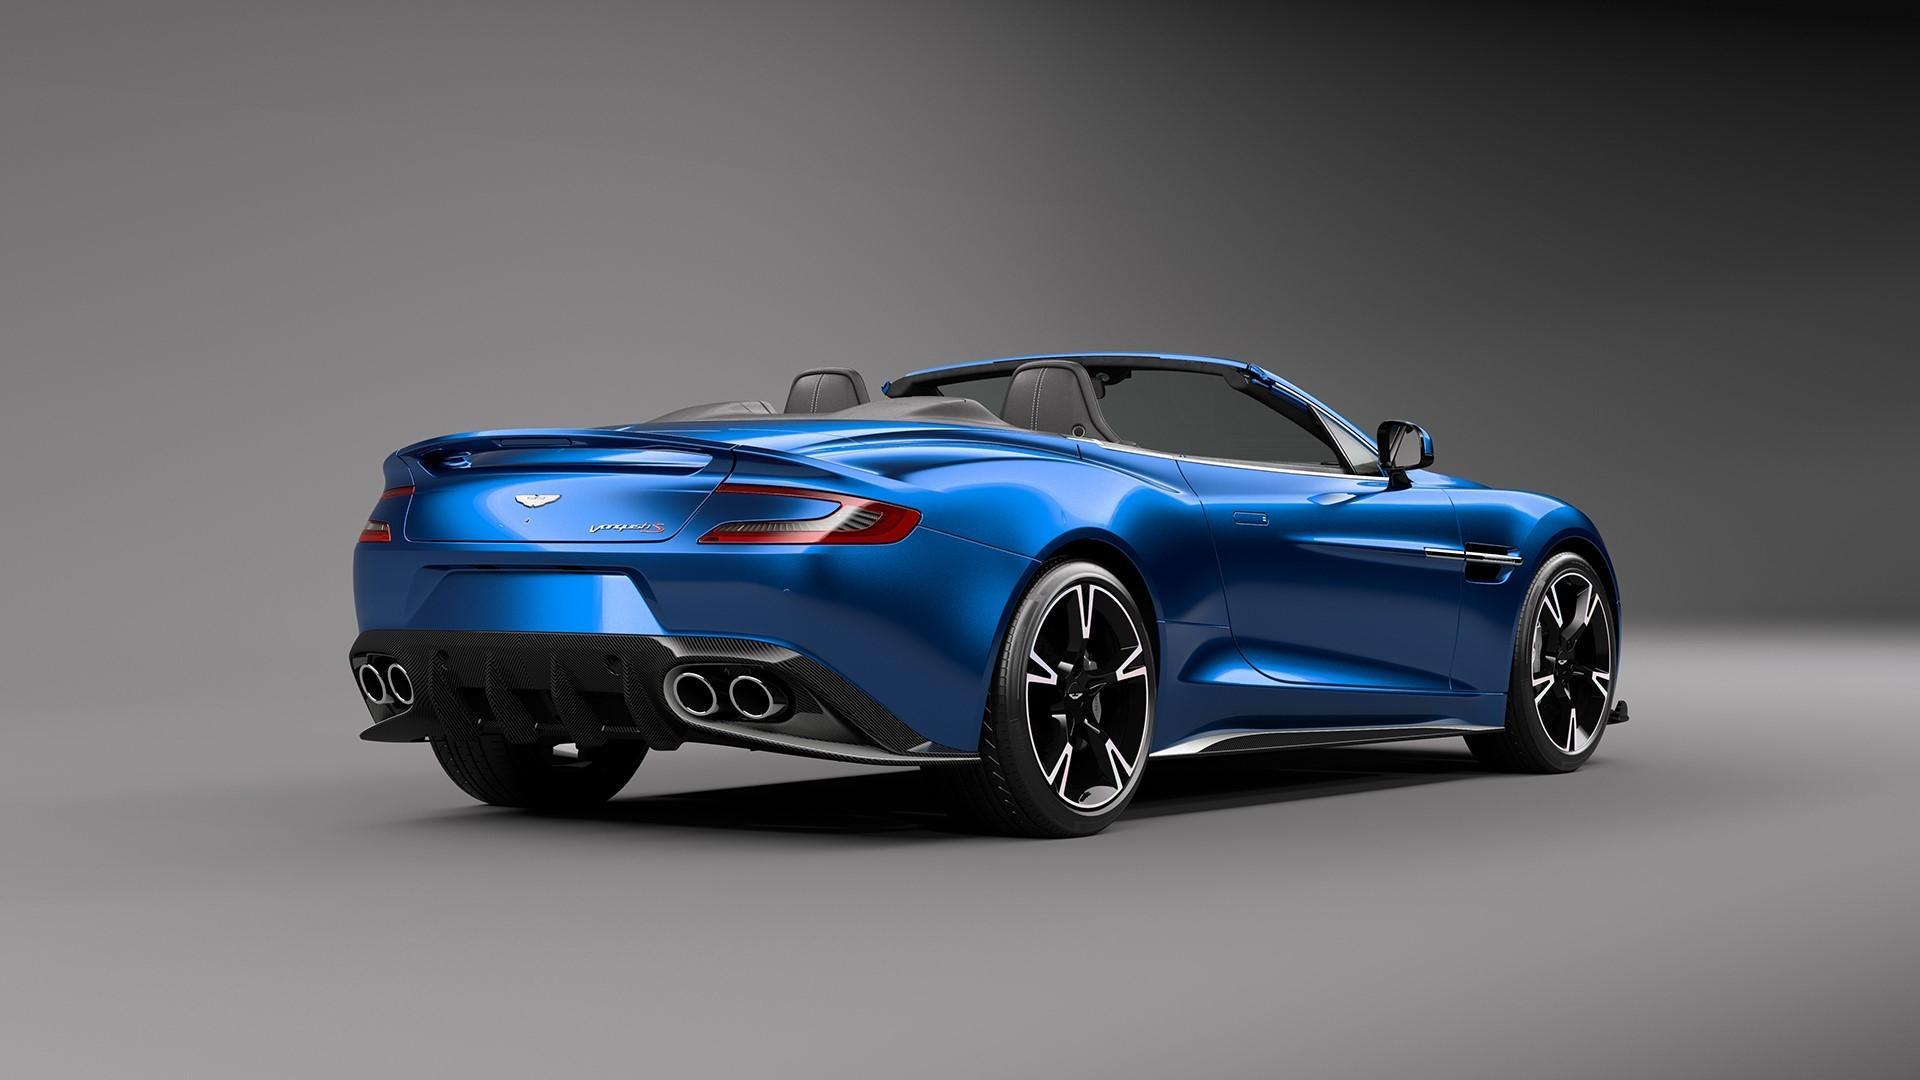 Una Especie En Extincion Asi Es El Nuevo Aston Martin Vanquish S Volante Probablemente El Ultimo Aston Atmosferico Foto 4 De 5